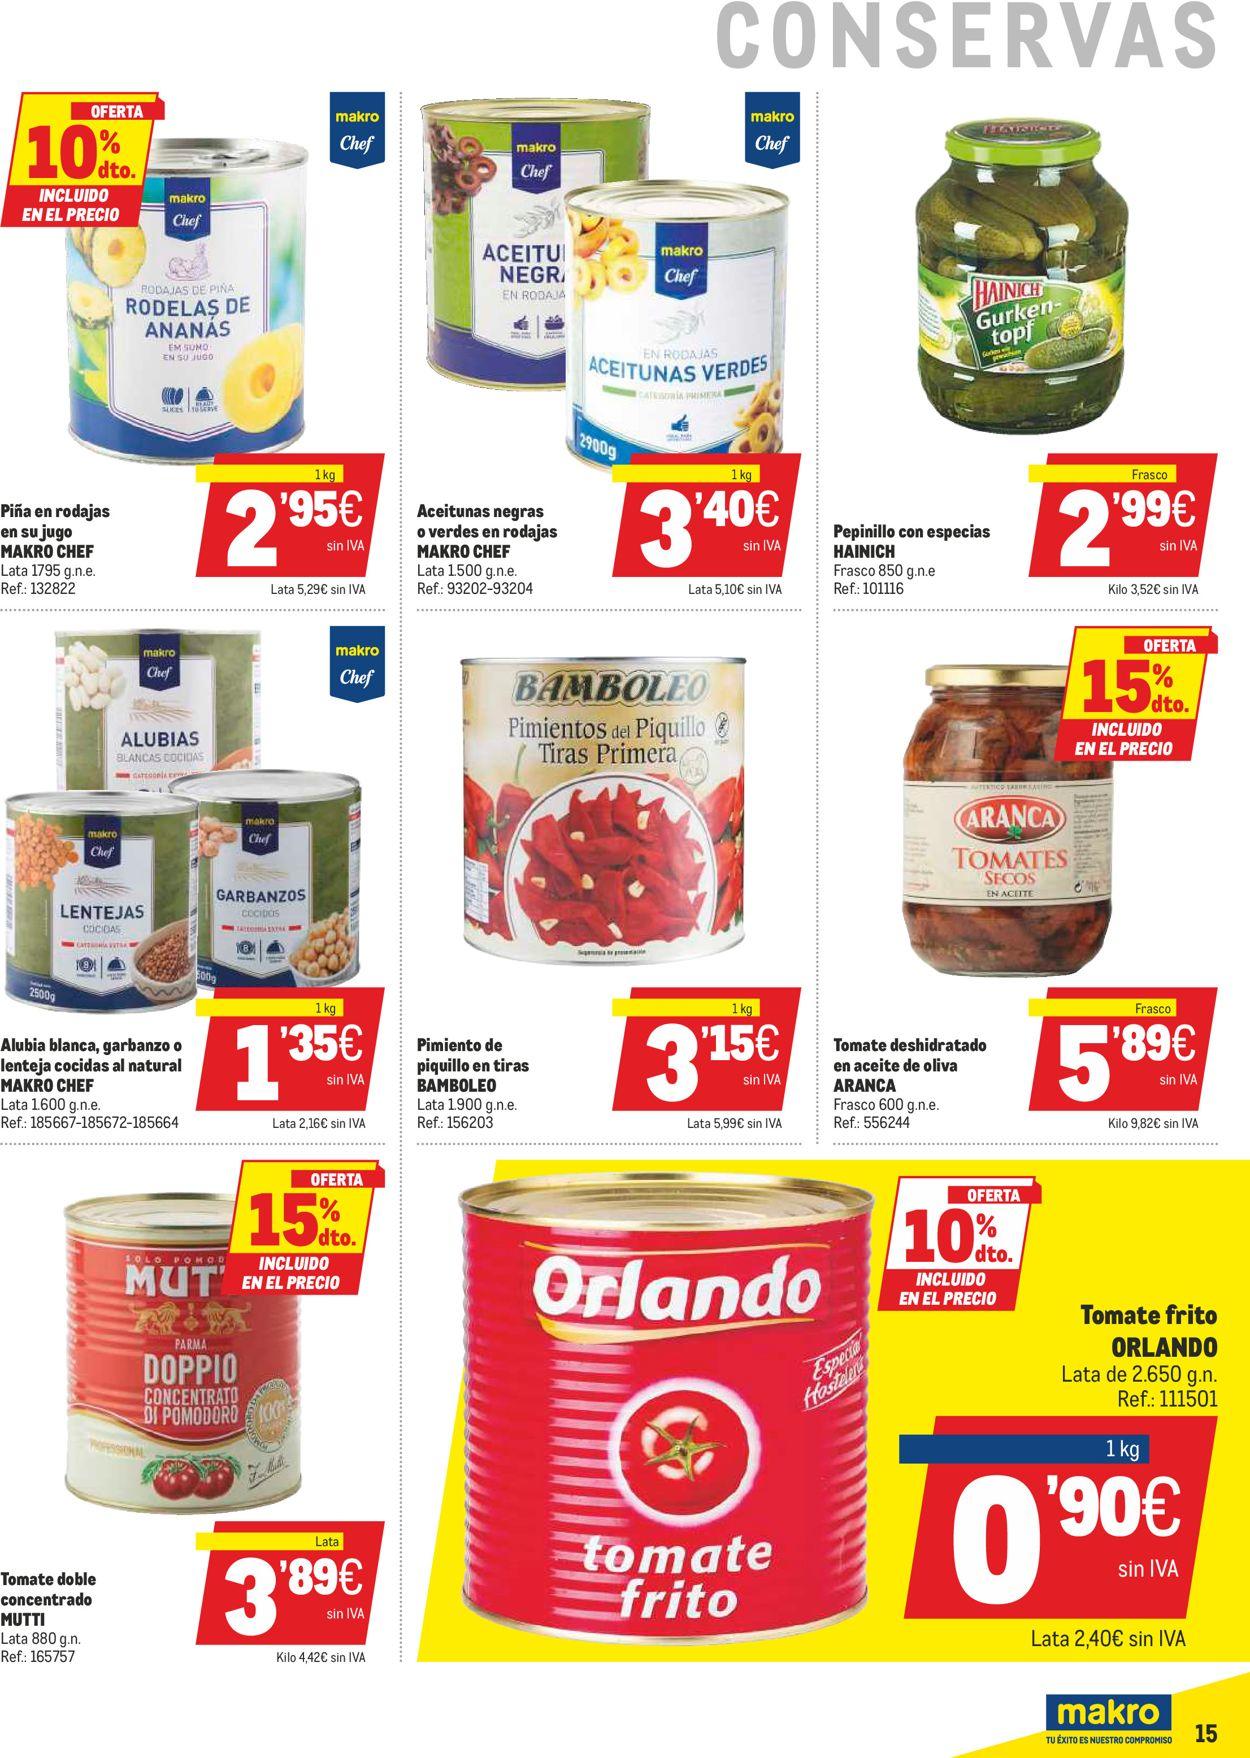 Makro Folleto - 03.06-16.06.2021 (Página 15)